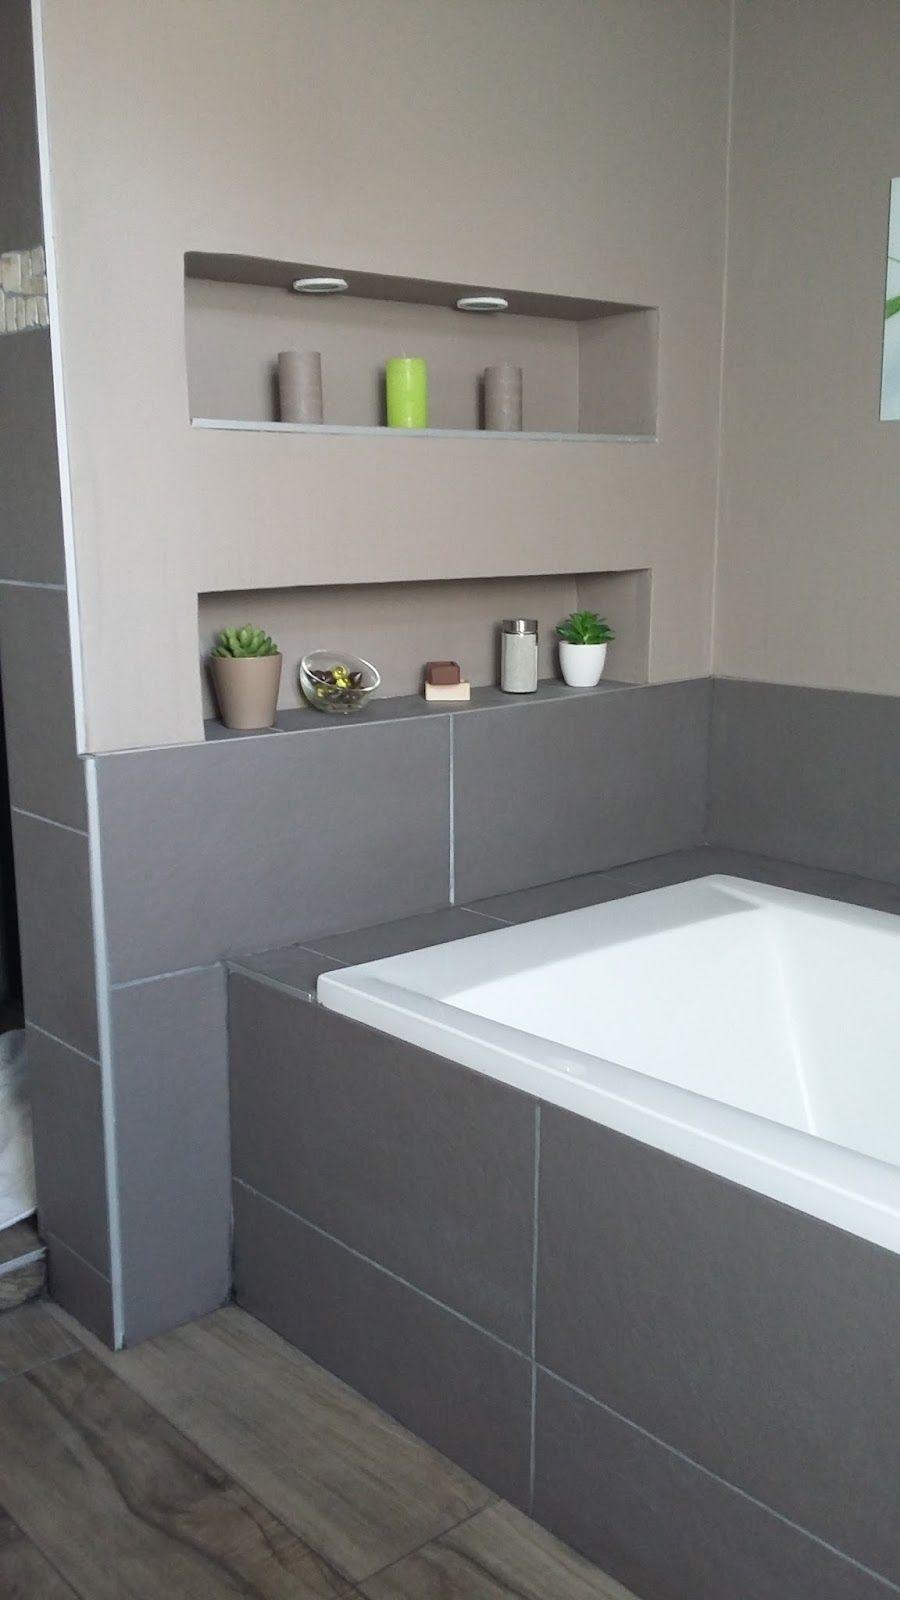 Badezimmer ideen über toilette Ähnliches foto  neues zuhause  pinterest  badezimmer bad und